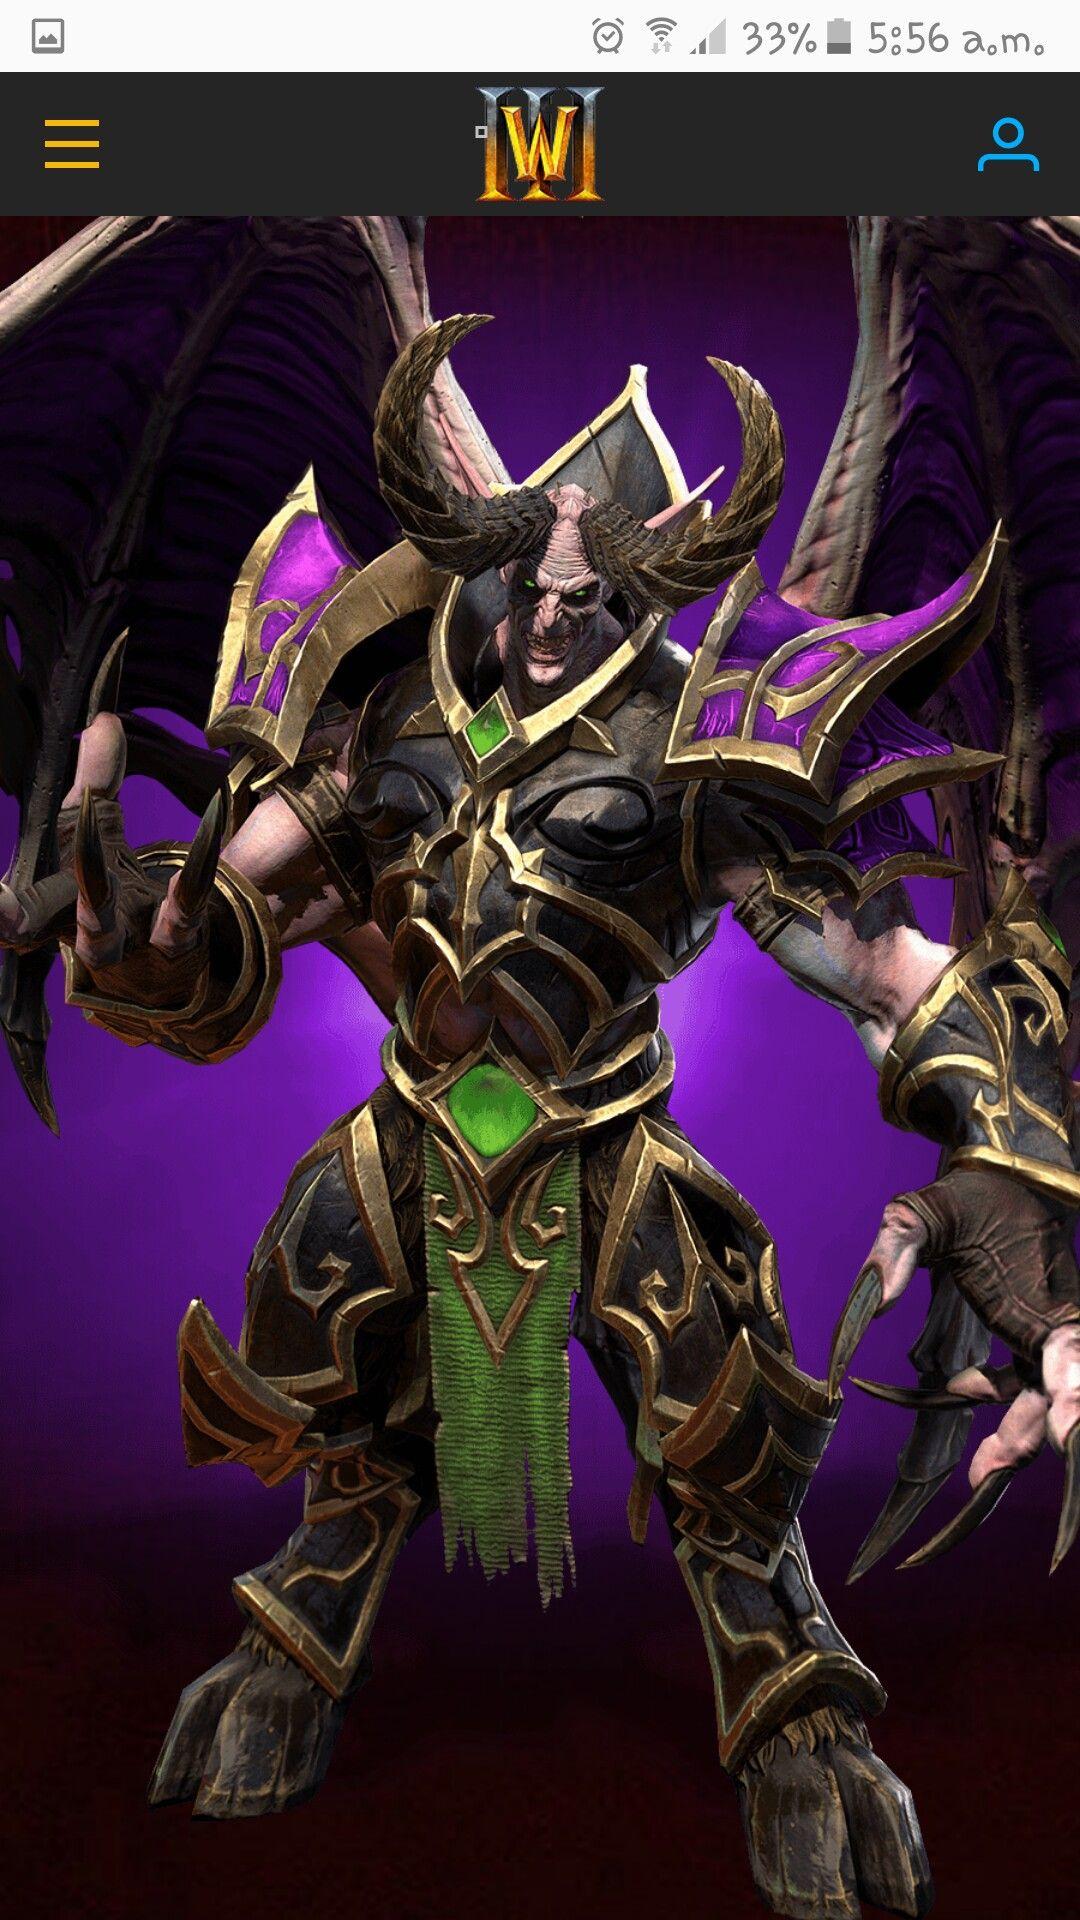 Warcraft 3 Remaster :Mal'Ganis | WARCRAFT in 2019 | Warcraft 3